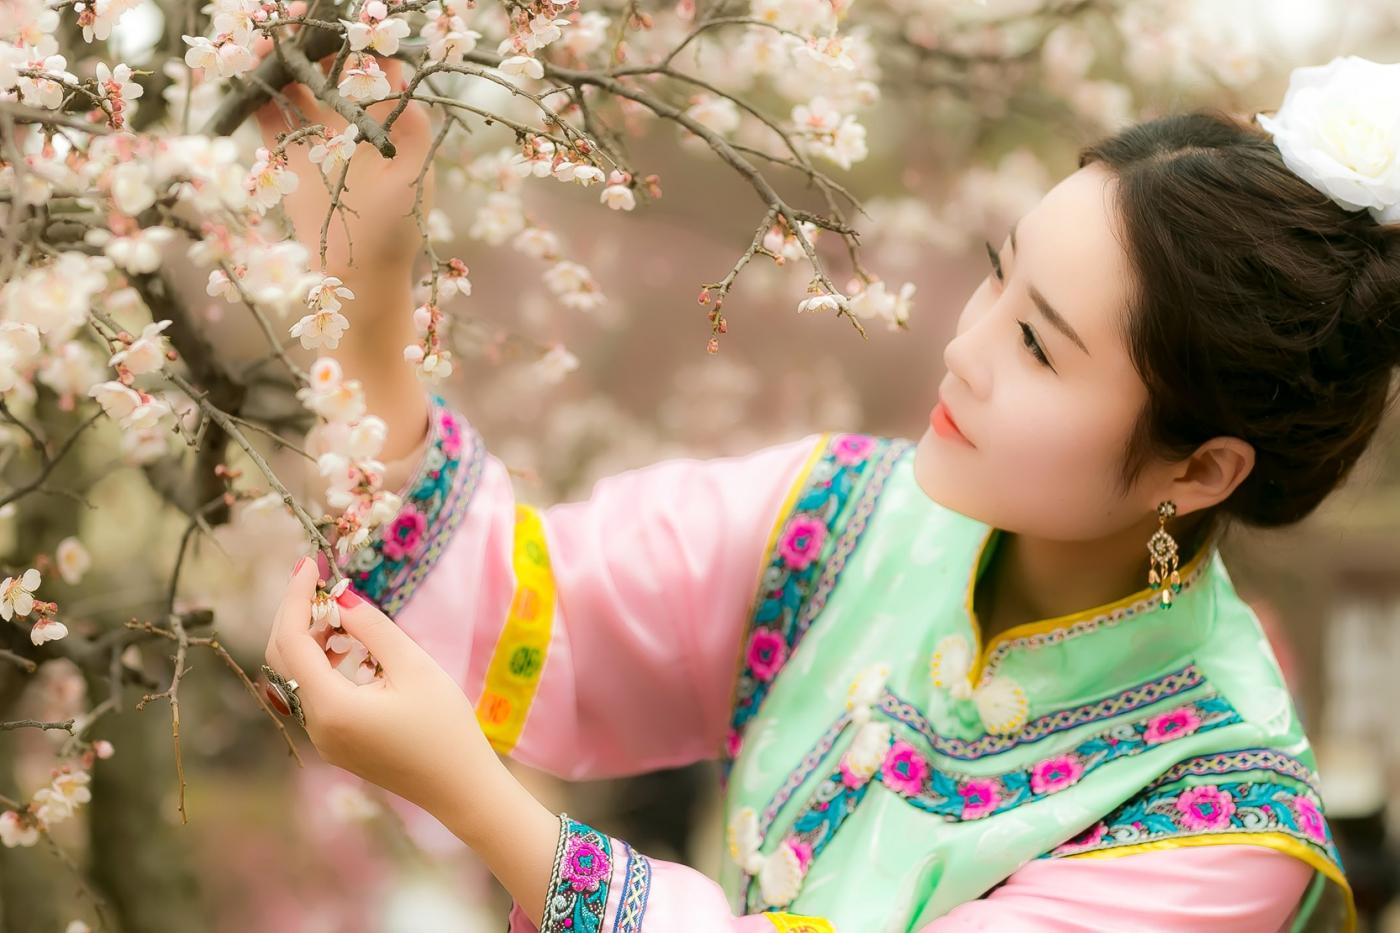 沂水雪山梅园走来一群赏梅踏春的沂蒙女孩 摄影人和女孩们成为梅园一道亮丽的风景线 ..._图1-10